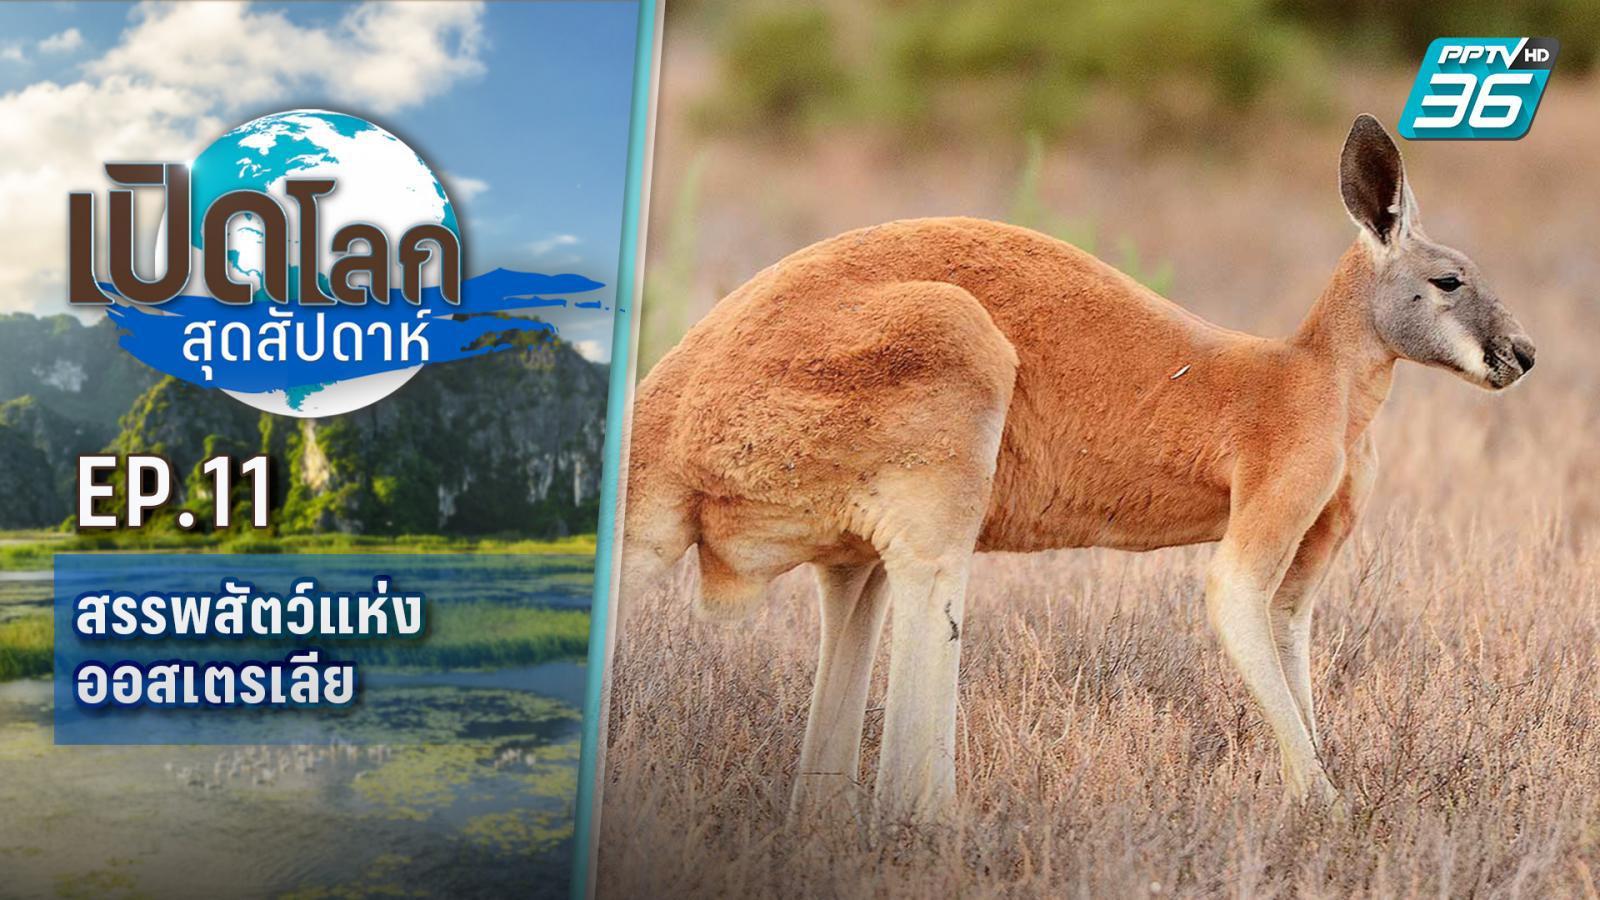 เปิดโลกสุดสัปดาห์ ตอน สรรพสัตว์แห่งออสเตรเลีย | 10 เม.ย.64